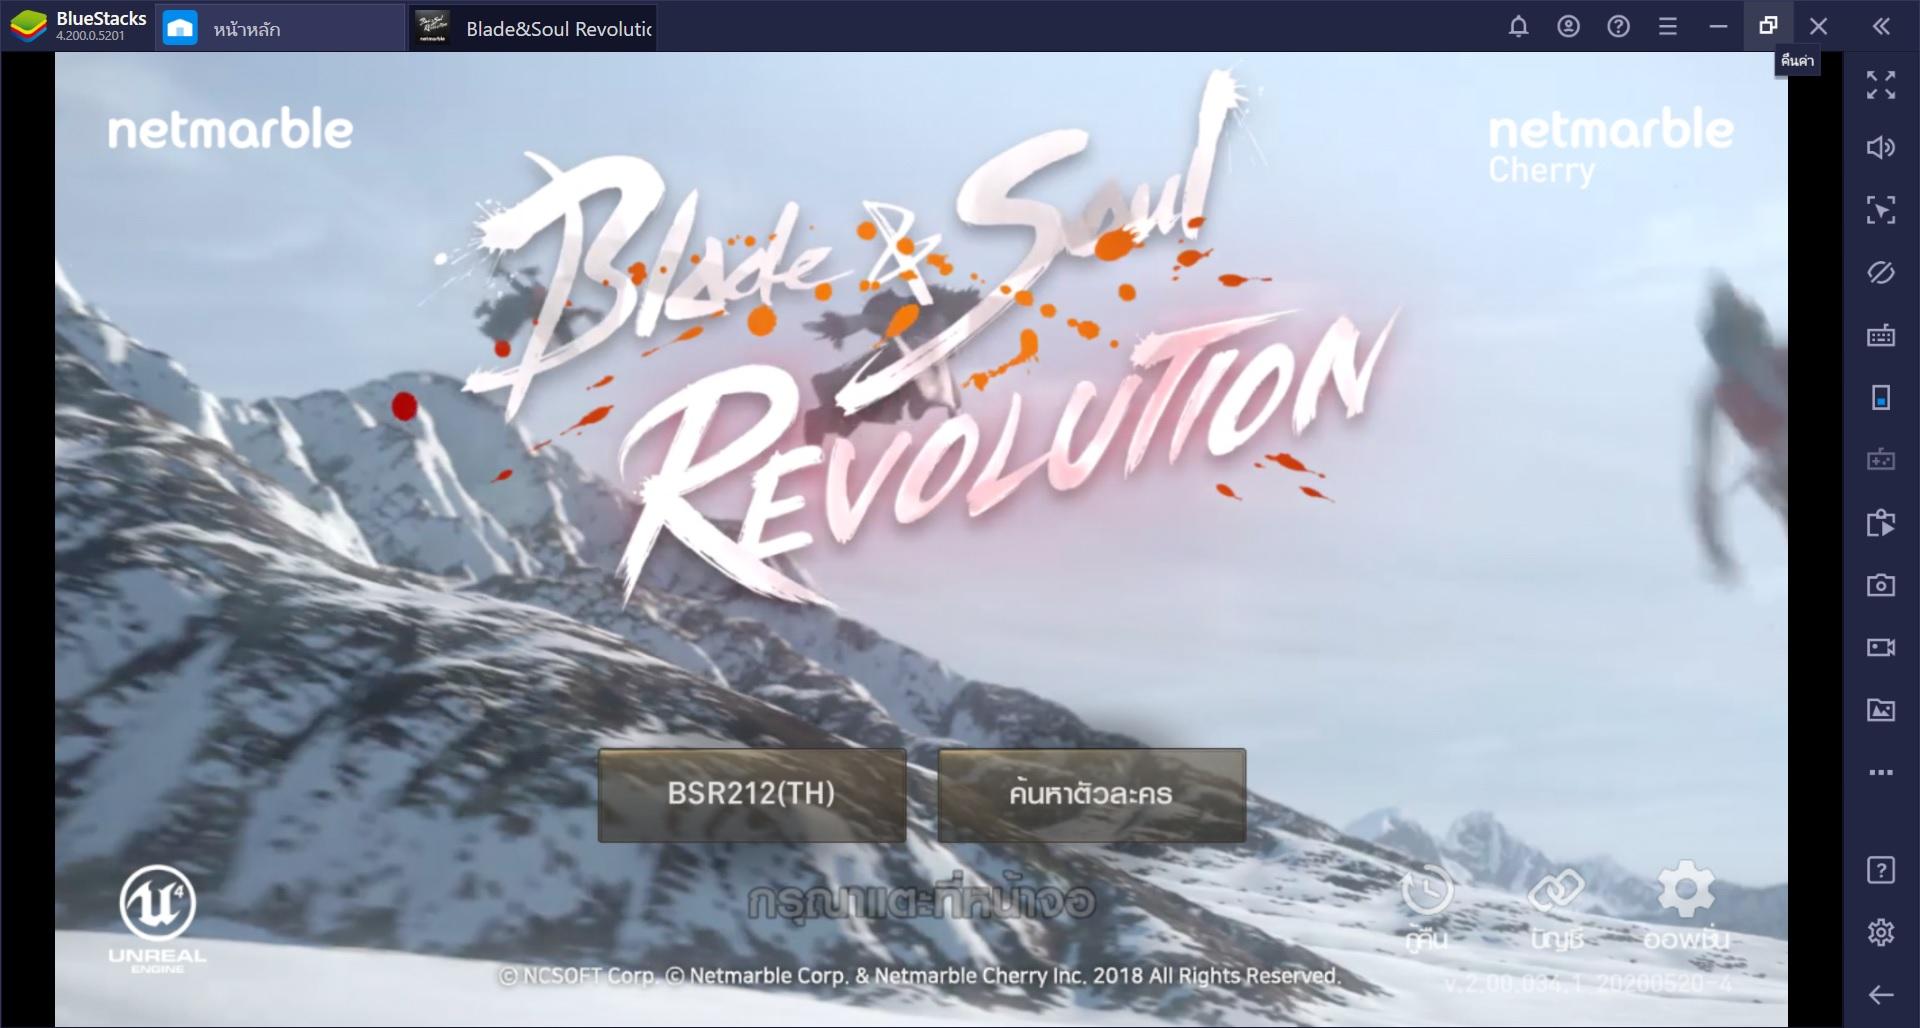 เพราะอะไรถึงต้องเล่น Blade and Soul Revolution ผ่าน BlueStacks